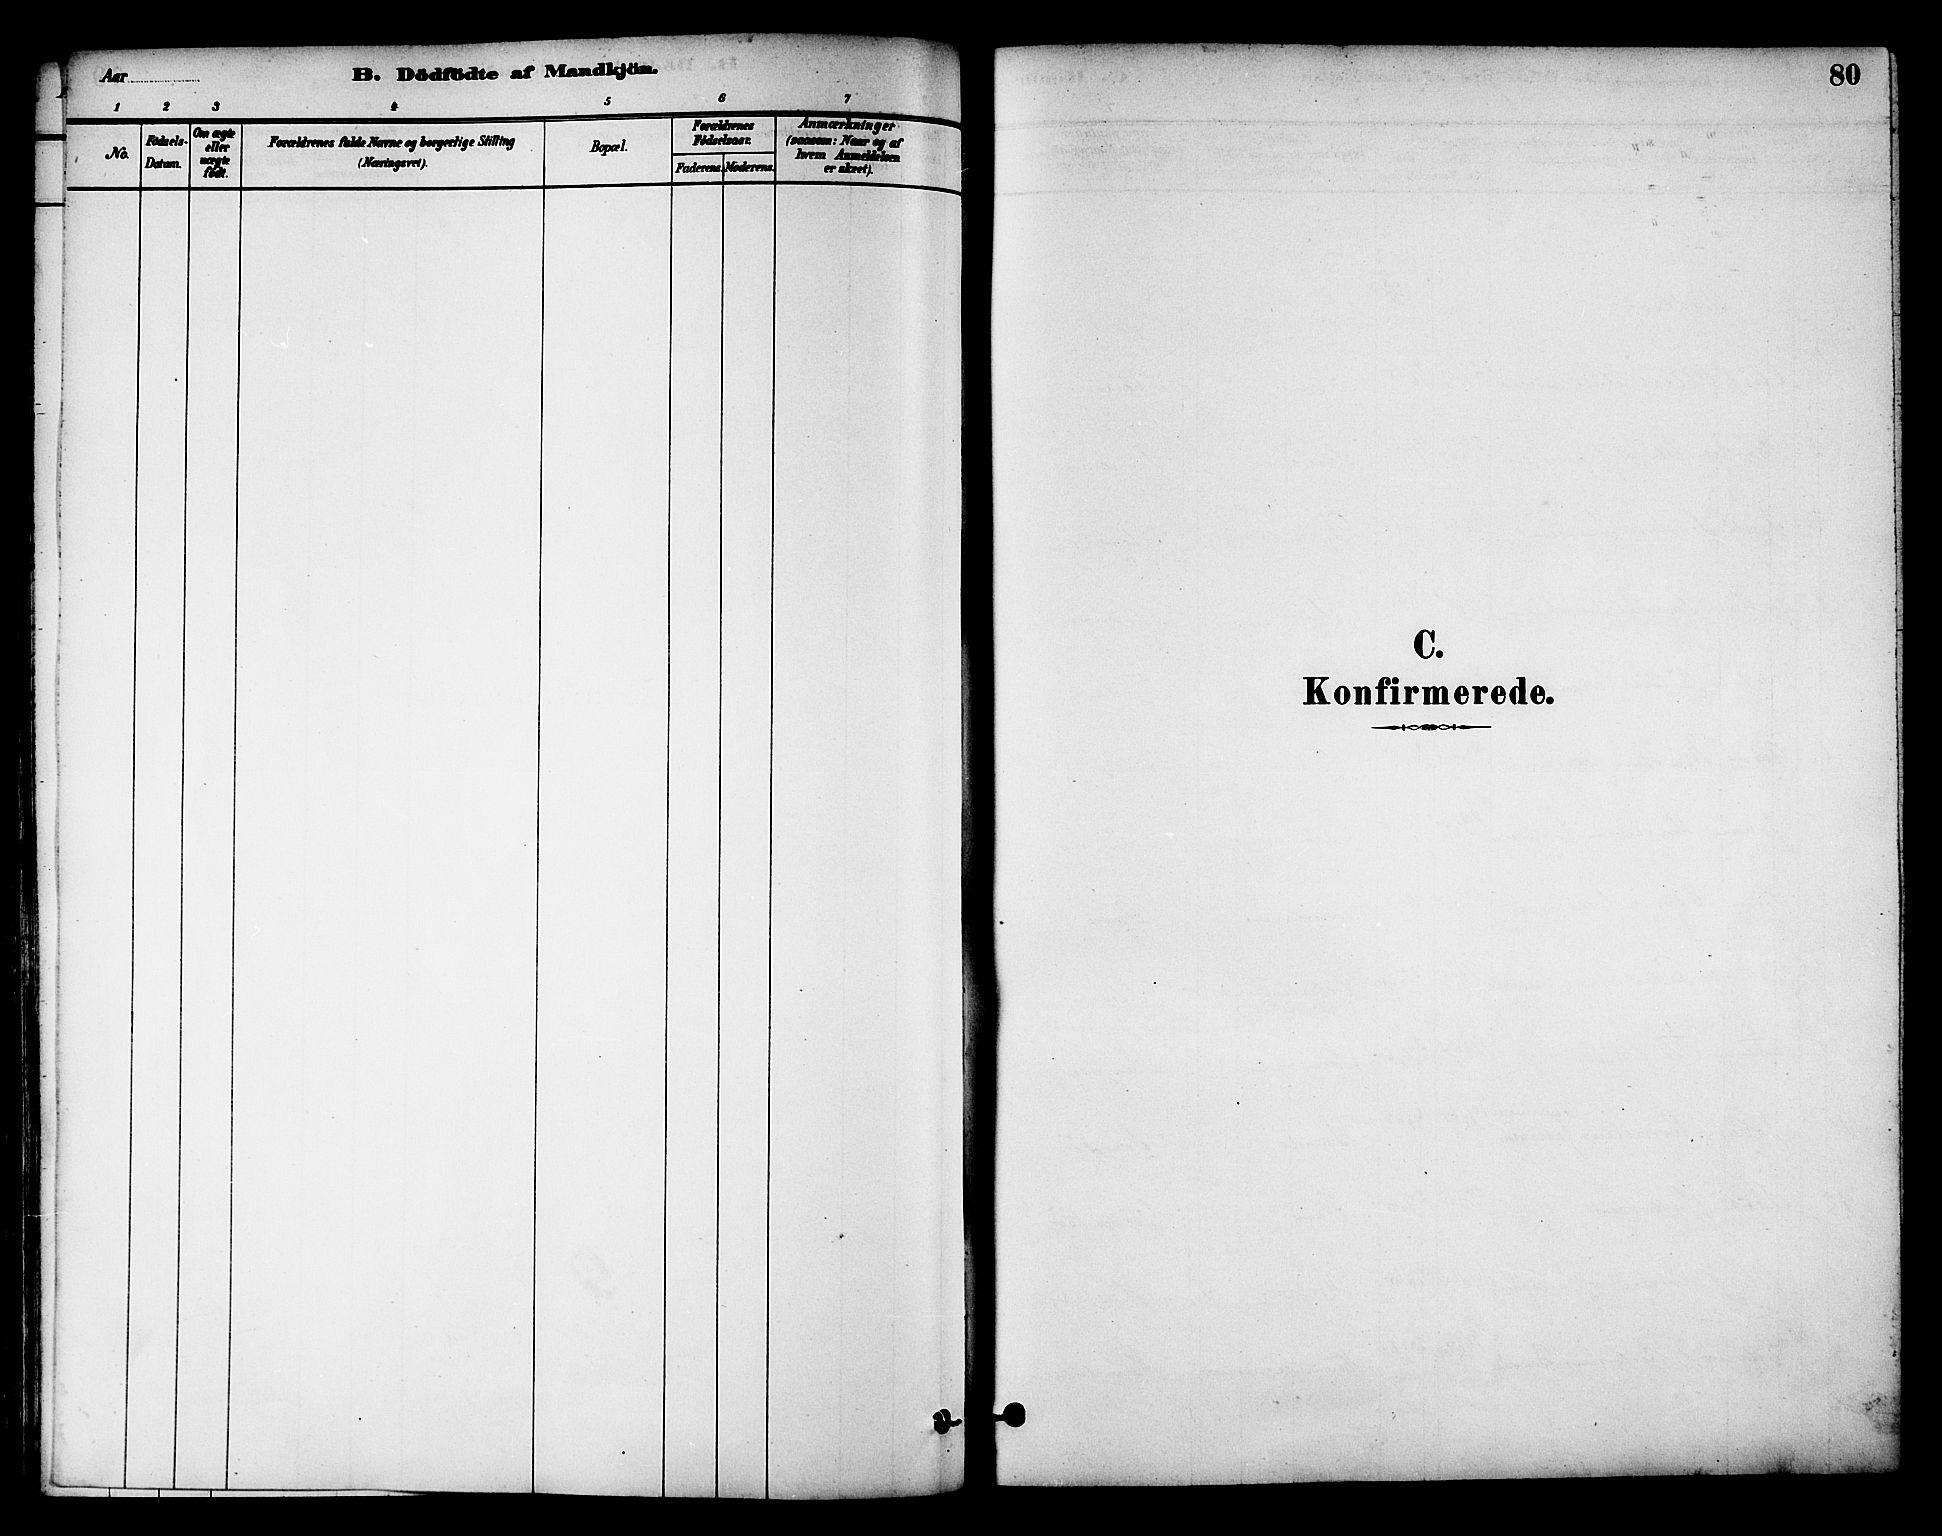 SAT, Ministerialprotokoller, klokkerbøker og fødselsregistre - Nord-Trøndelag, 784/L0672: Ministerialbok nr. 784A07, 1880-1887, s. 80